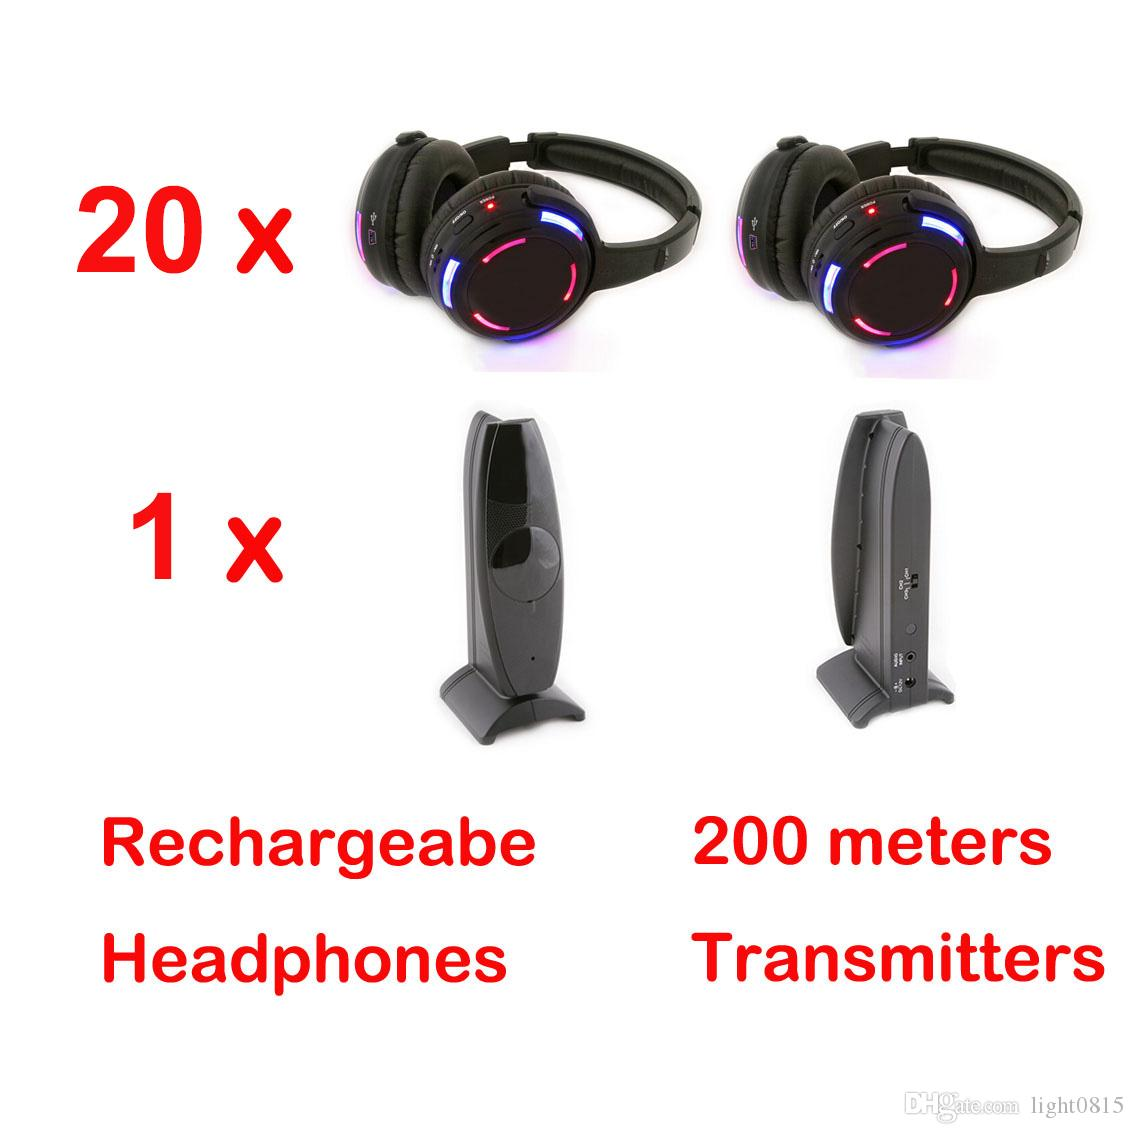 Casque sans fil RF avec 1 canal et lumière LED pour casque silencieux Disco 16 et 1 émetteur